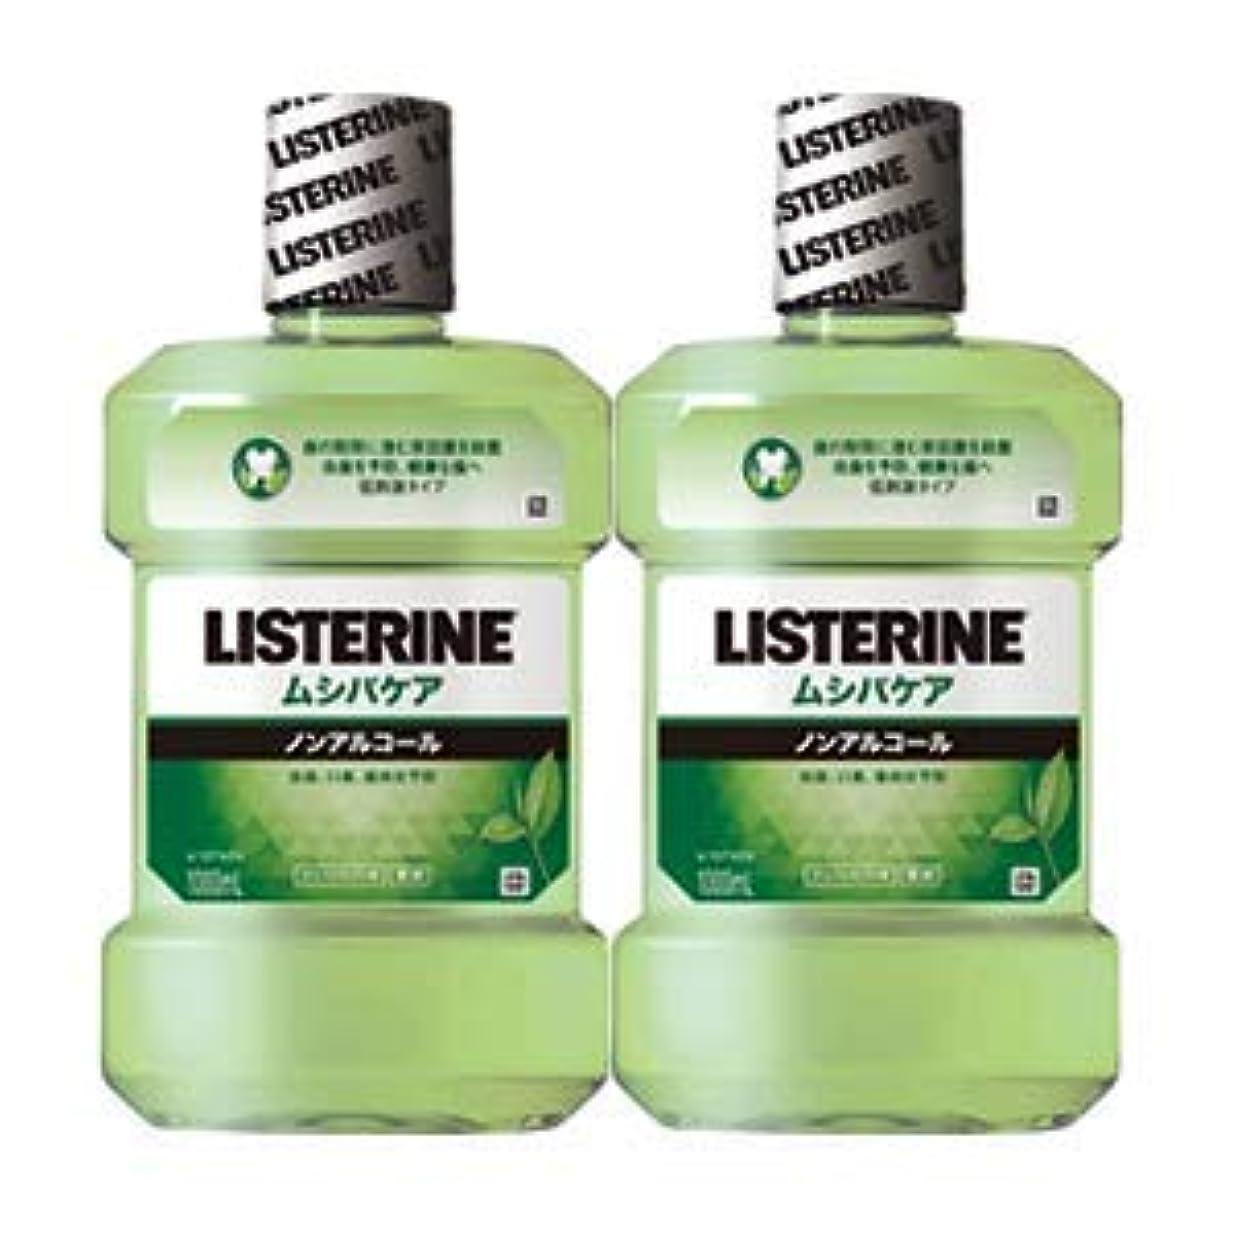 まともな逆に二十薬用リステリン ムシバケア (液体歯磨) 1000mL×2本セット